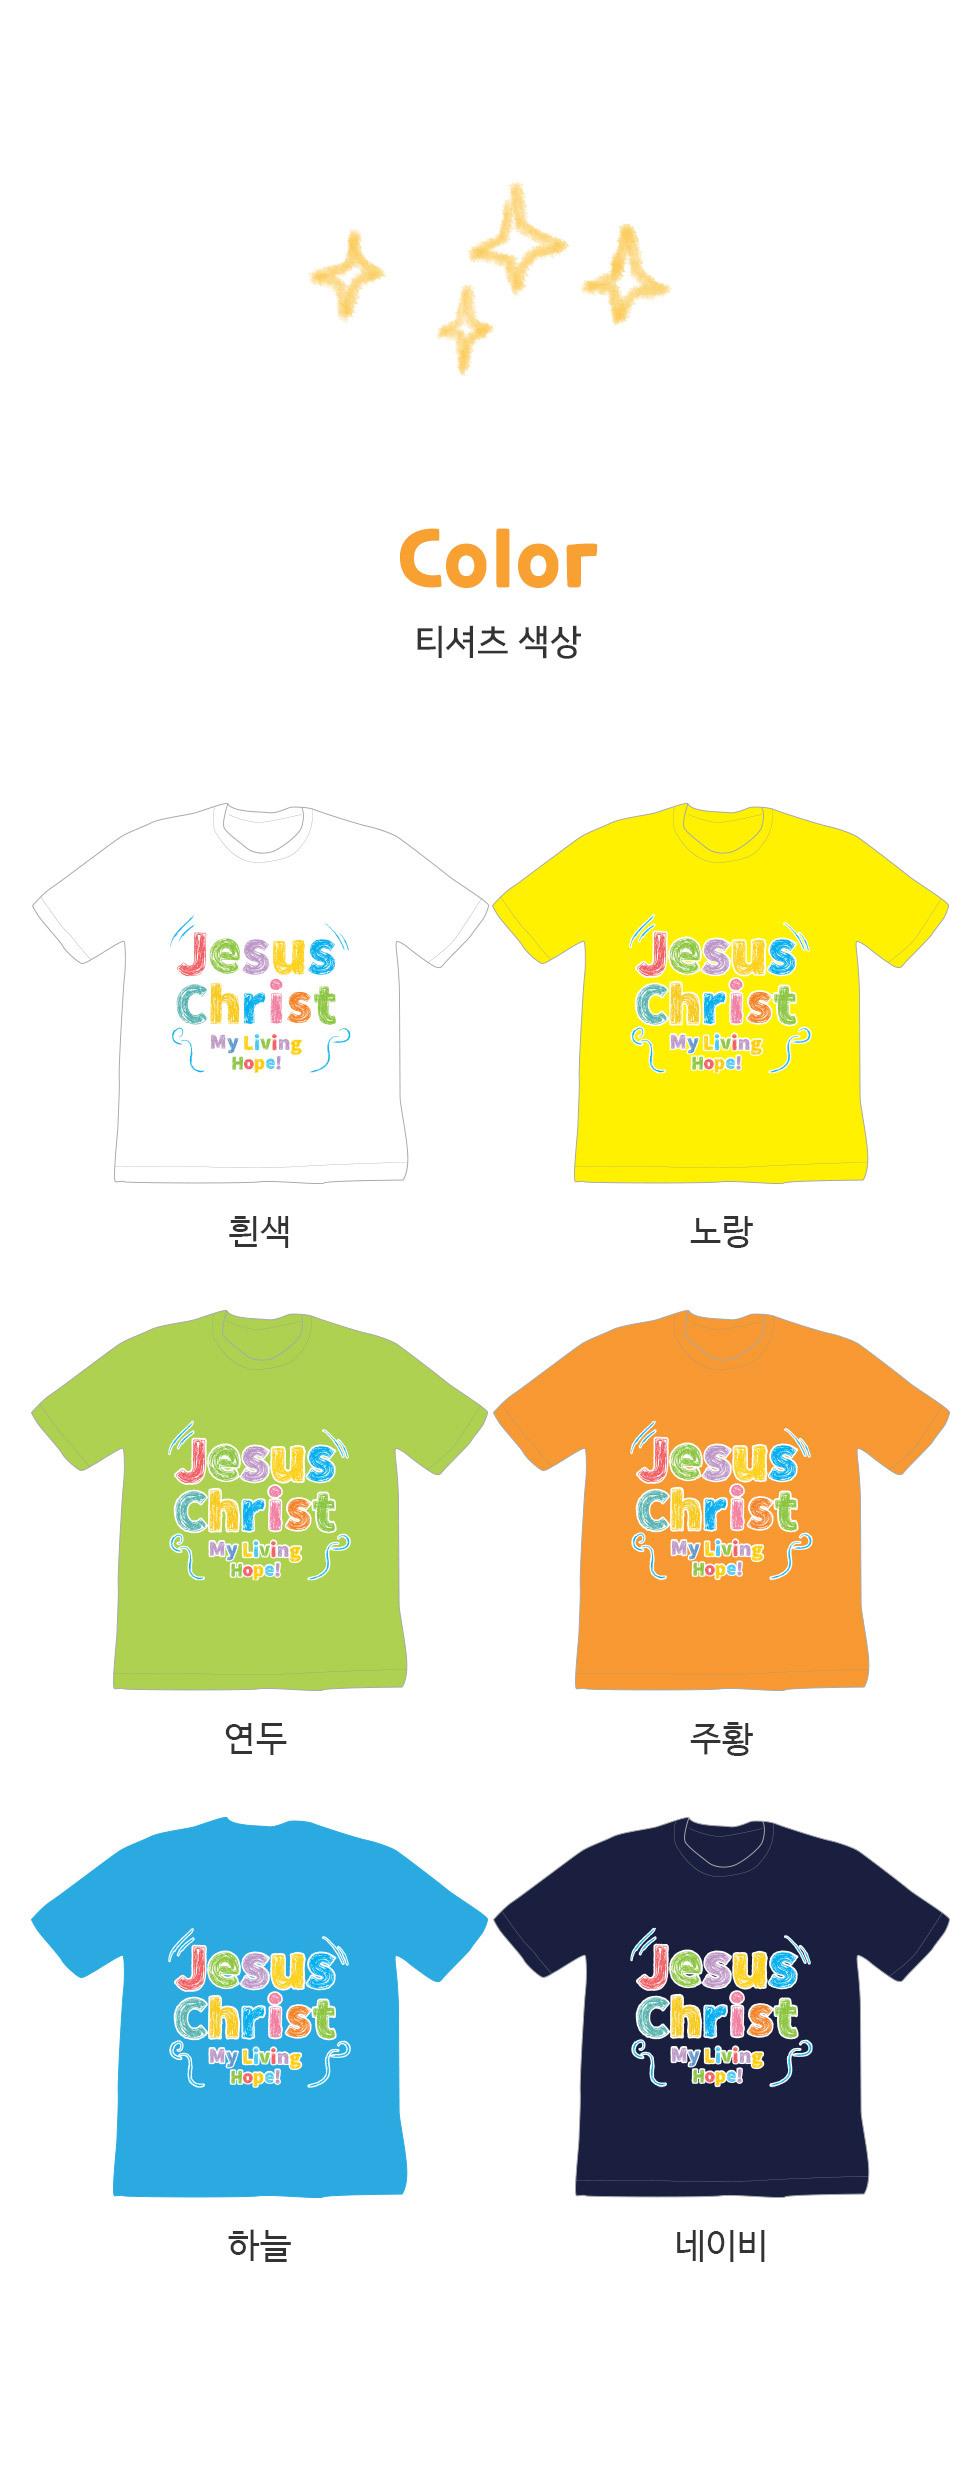 예수님이 나의 소망이예요!, Jesus Christ My Living Hope! - 아동티셔츠(리빙홉) 티셔츠 색상보기